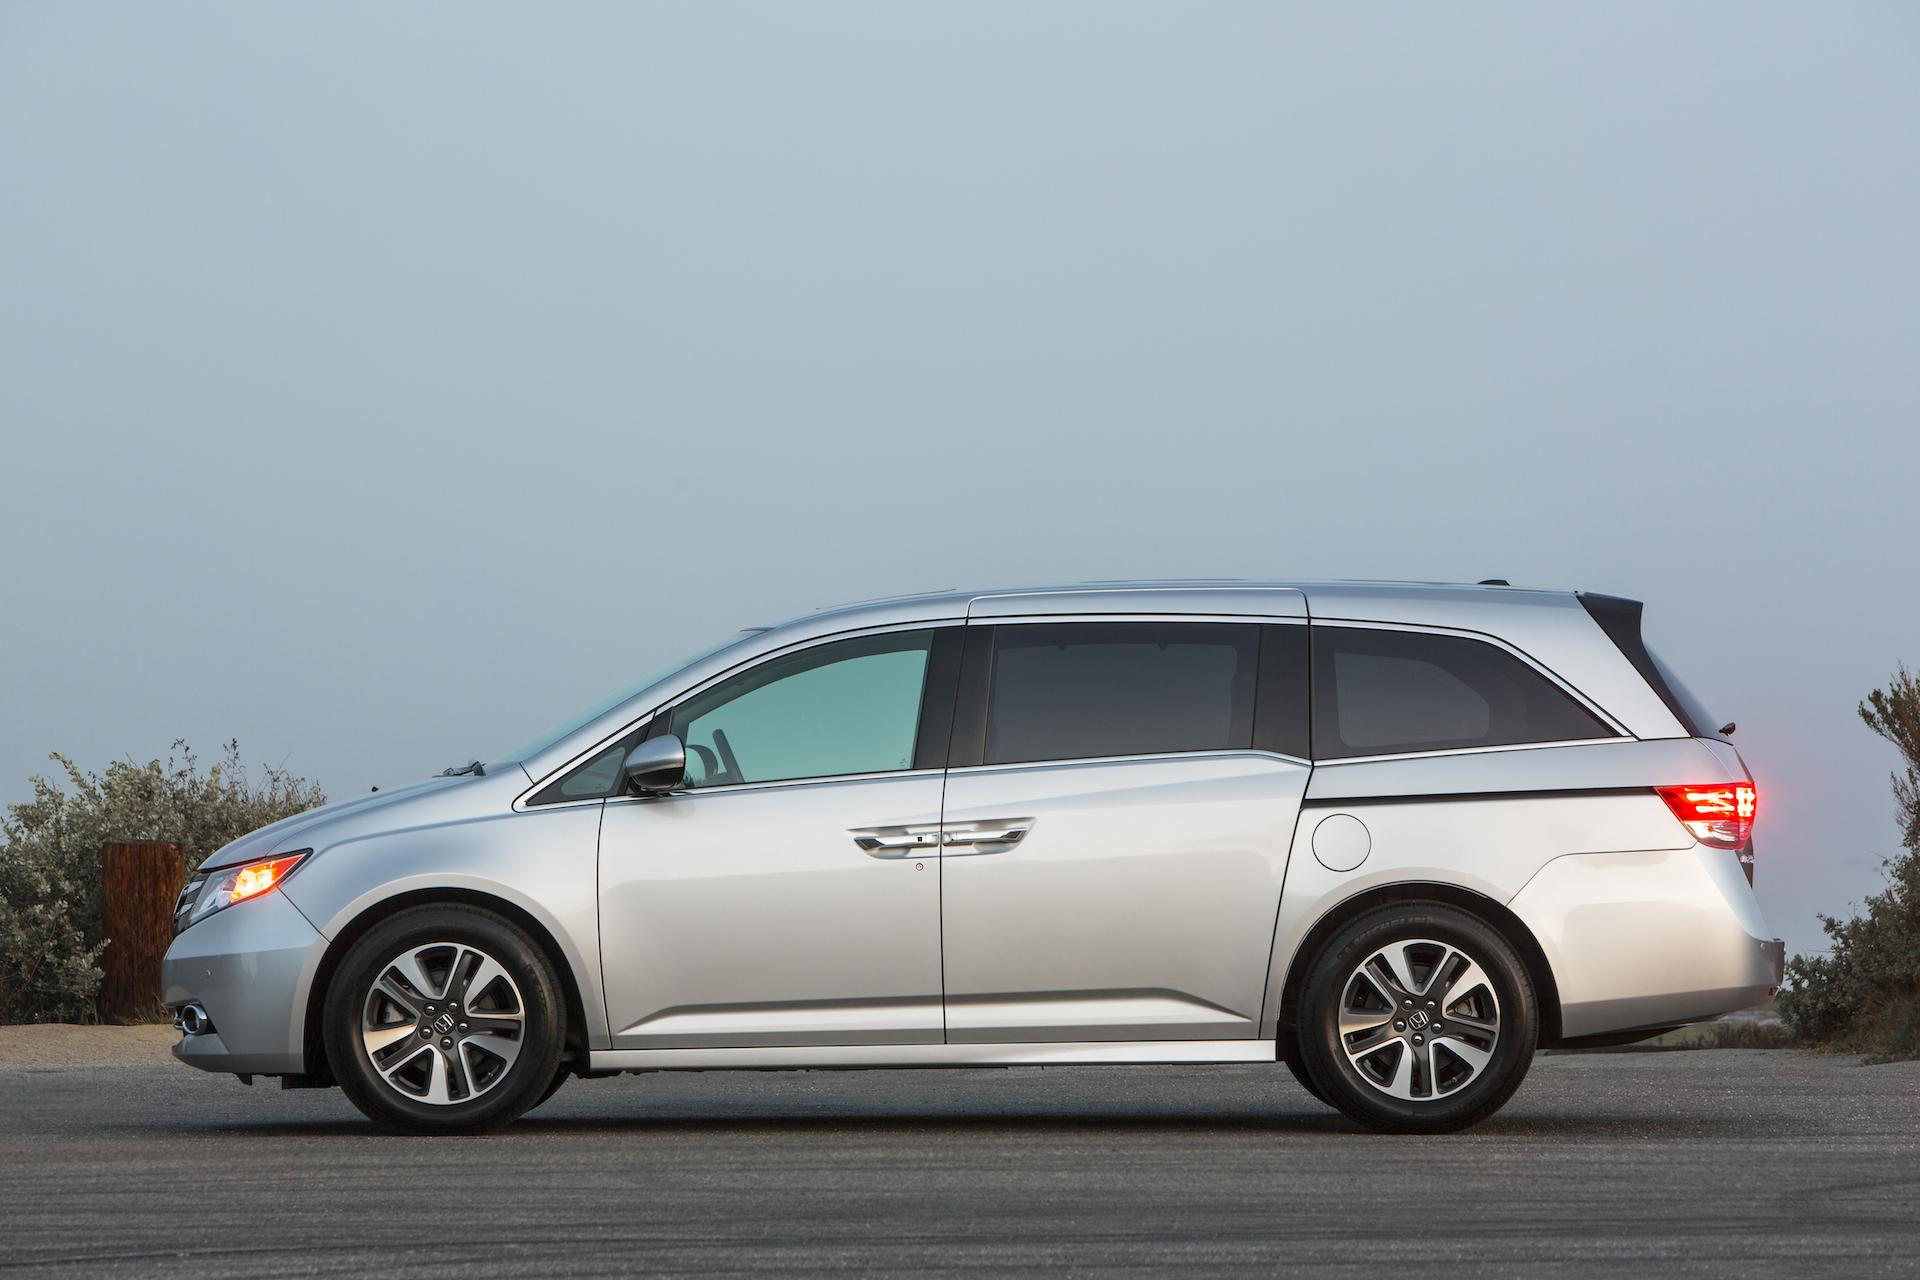 Kekurangan Honda Odyssey 2015 Perbandingan Harga